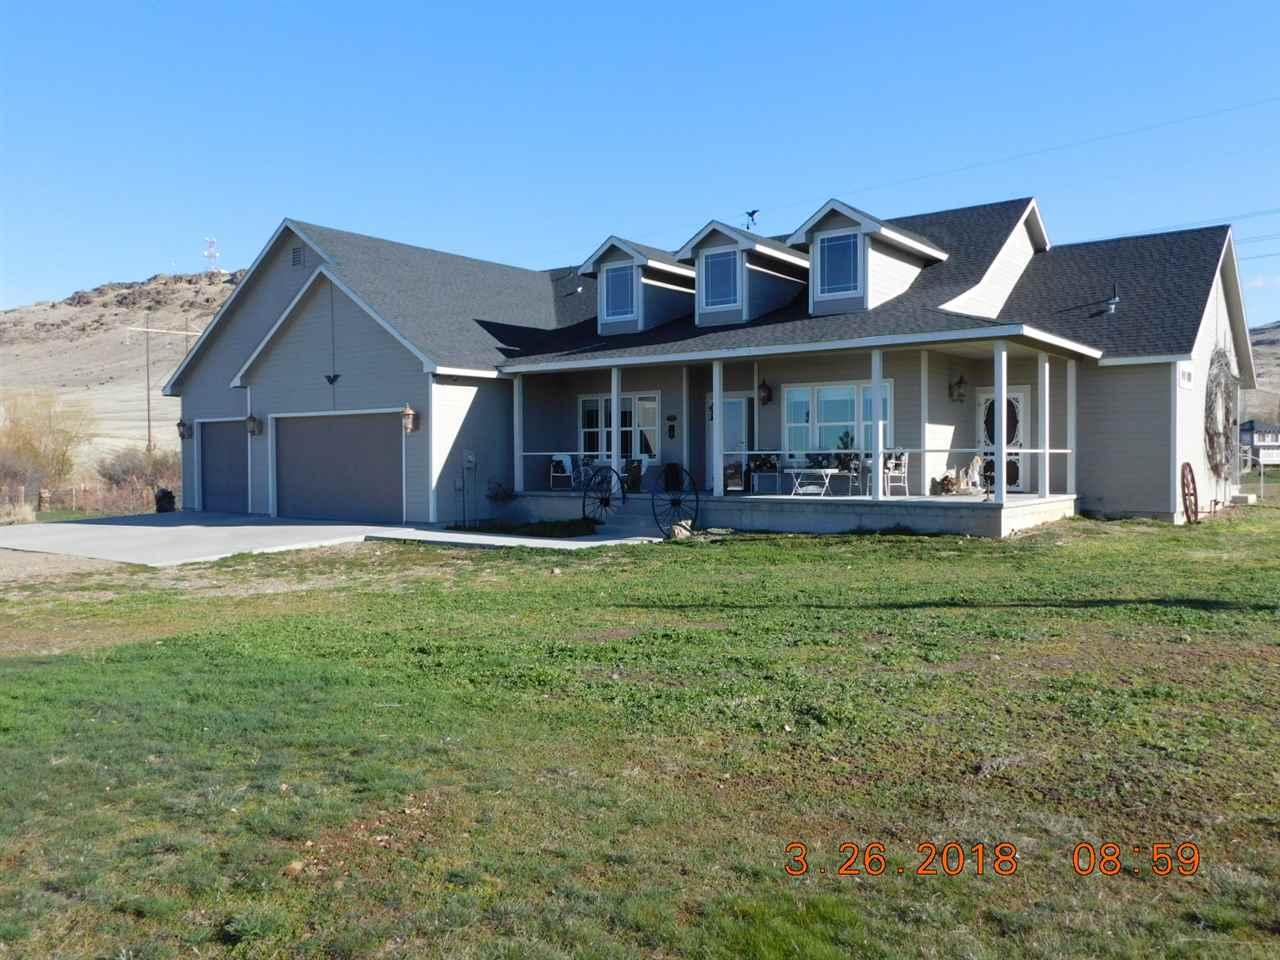 独户住宅 为 销售 在 11720 Hwy20 11720 Hwy20 Mountain Home, 爱达荷州 83647